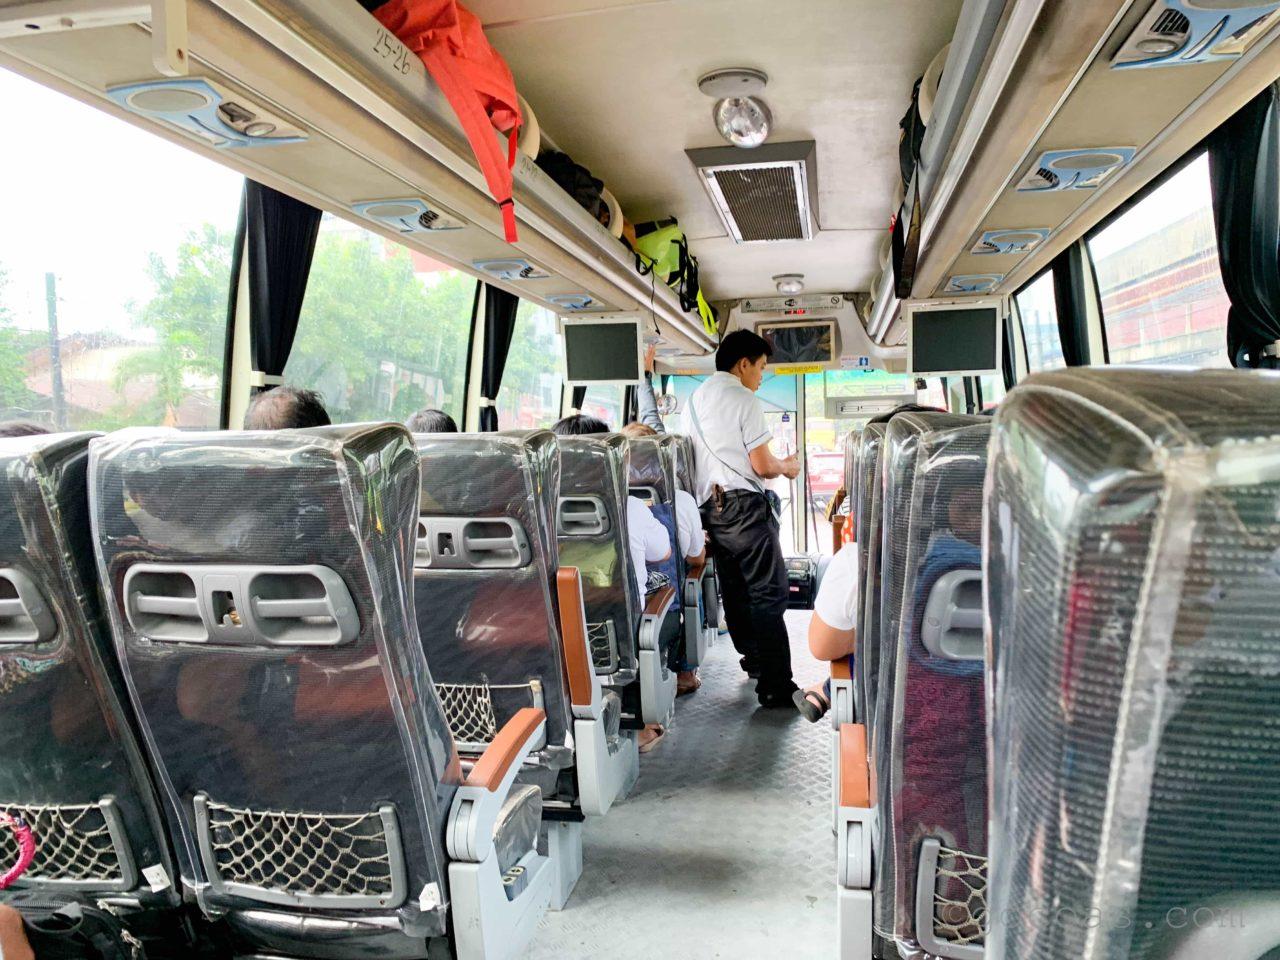 オスロブのバス内